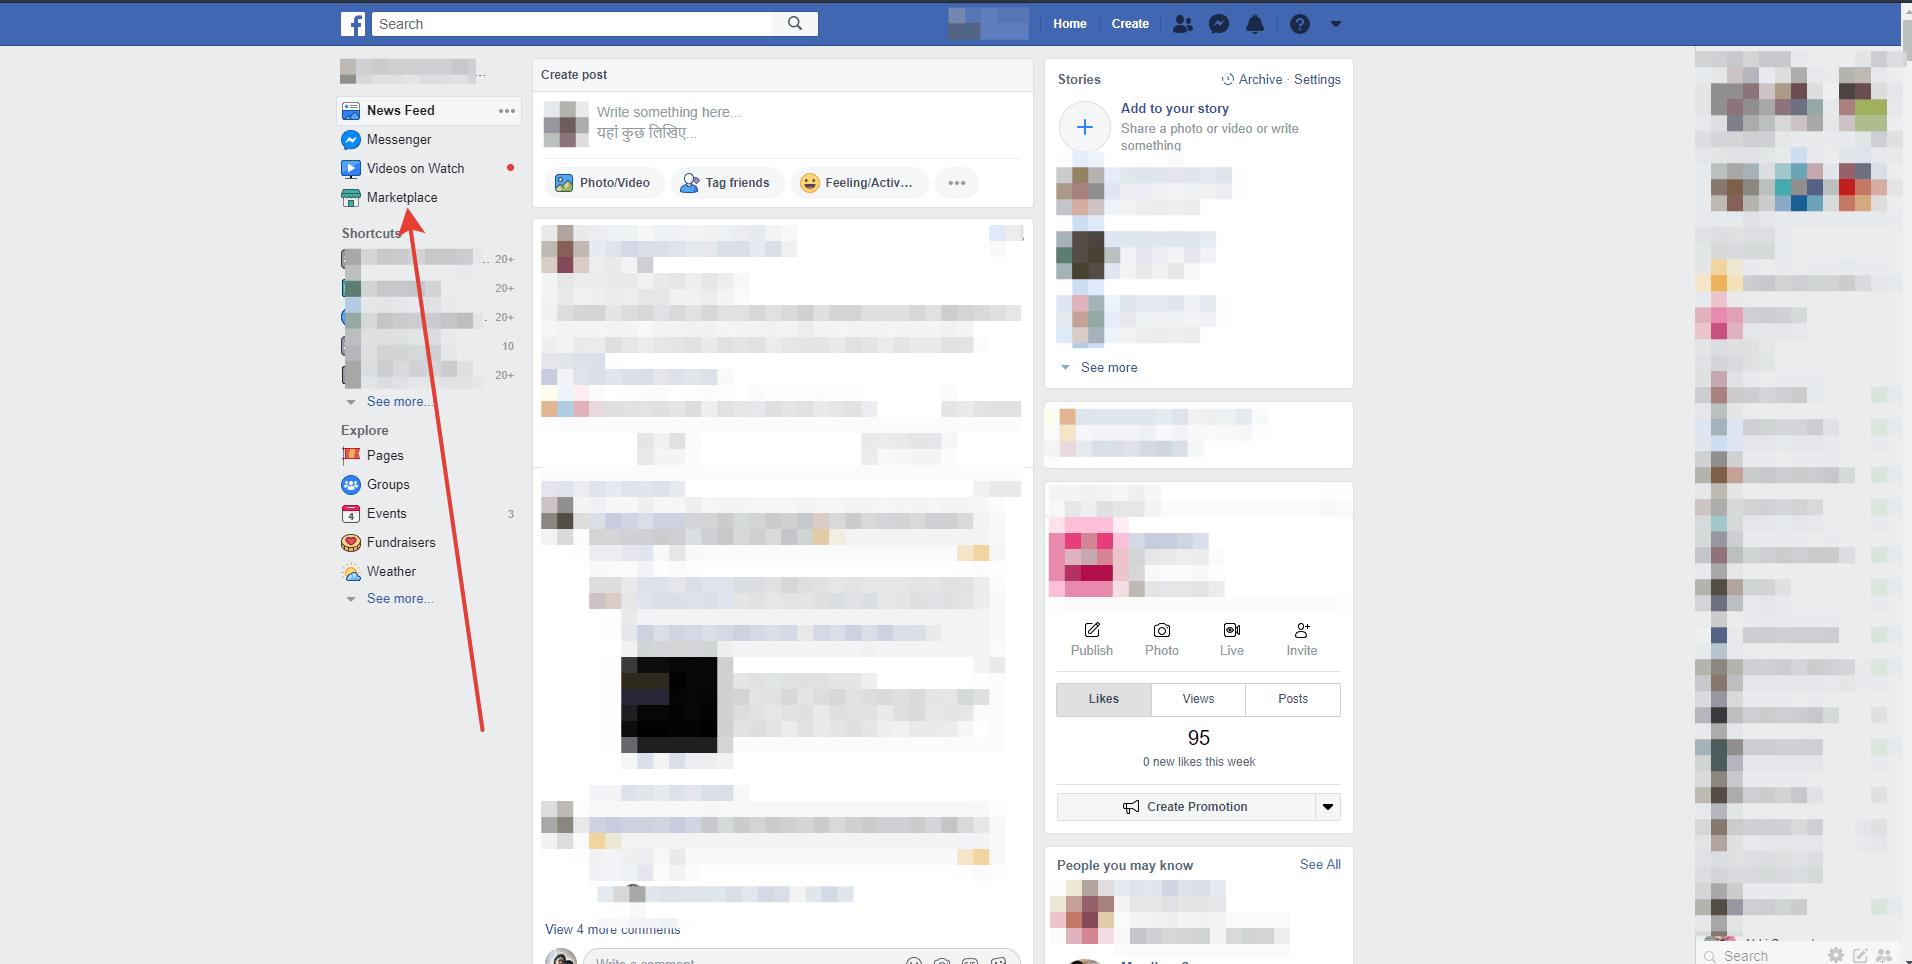 facebook_marketplace_notworking_dekstop